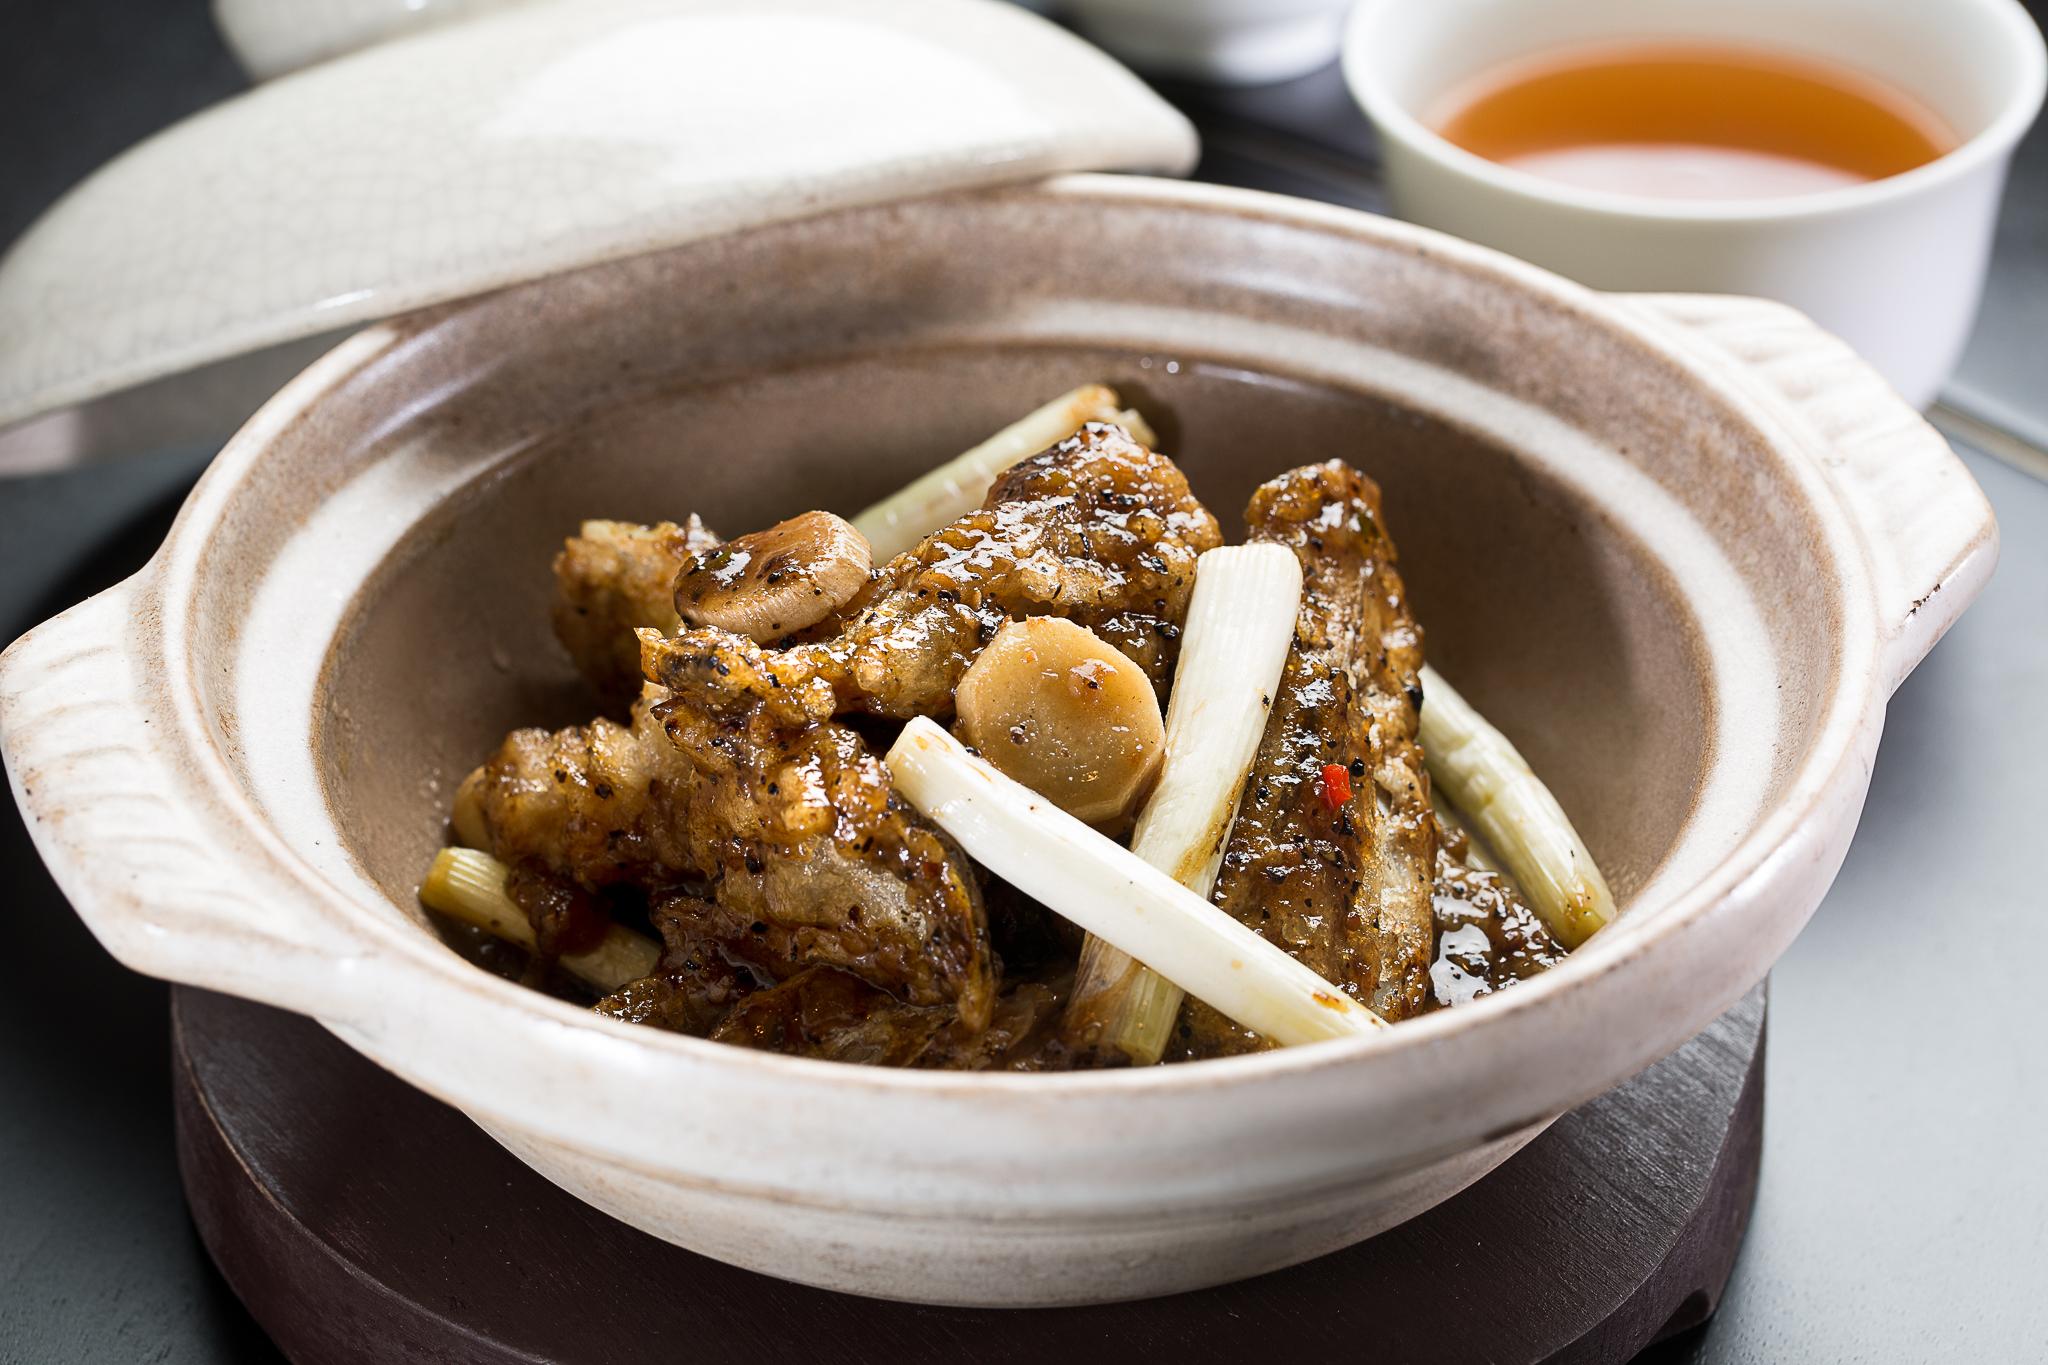 蔥薑黑椒魚雲煲 TWD680 魚頭極為乾香酥脆,包含骨頭皆可入口,亦多了一層豐厚膠質風味,香氣盈口一試難忘。